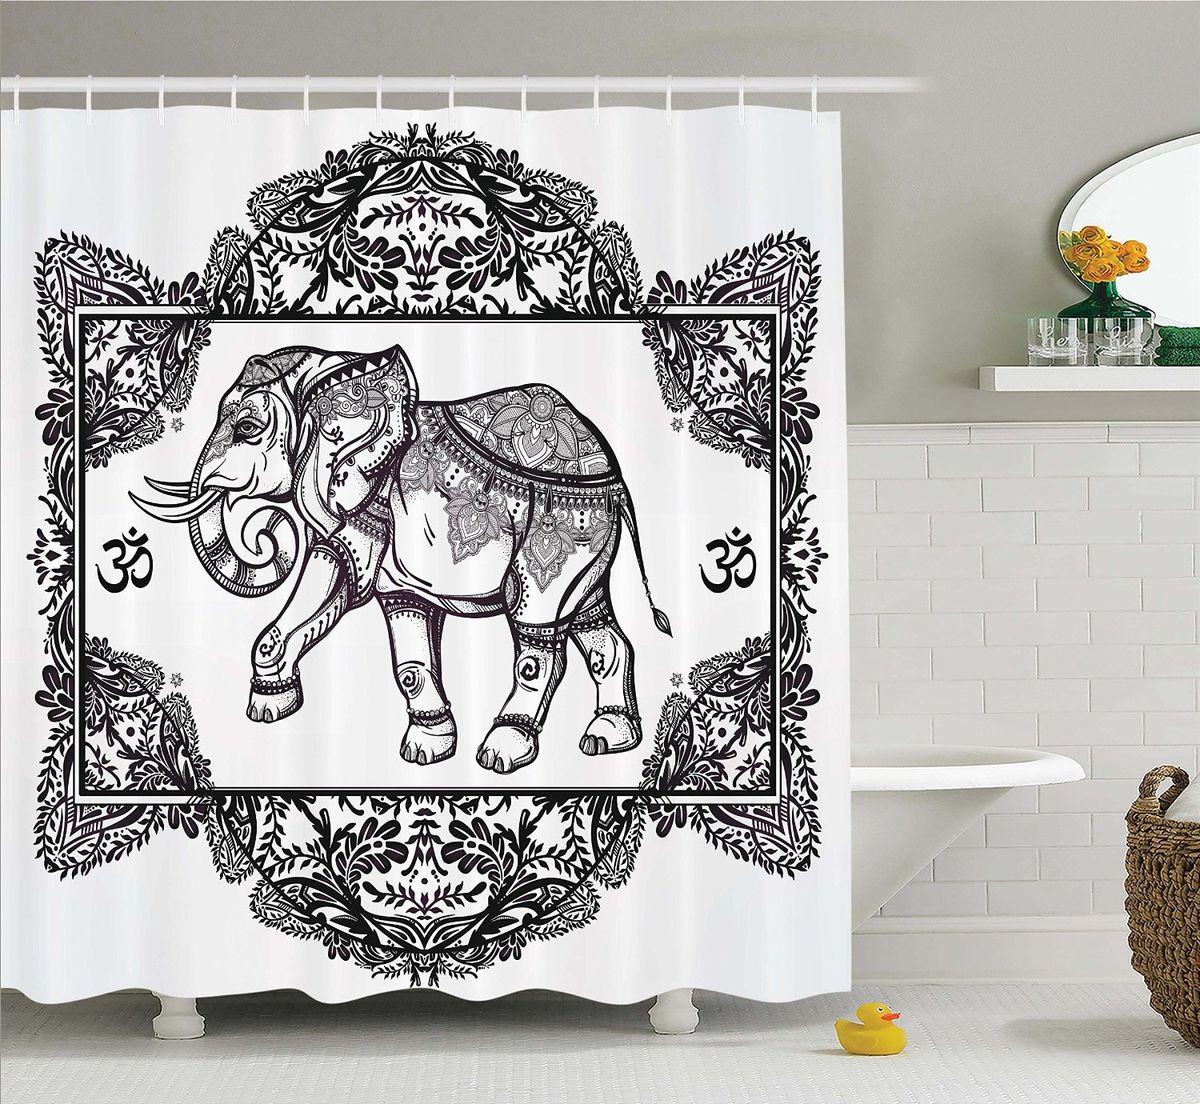 Штора для ванной комнаты Magic Lady Узорчатый слон, 180 х 200 смBK-3966Штора Magic Lady Узорчатый слон, изготовленная из высококачественного сатена (полиэстер 100%), отлично дополнит любой интерьер ванной комнаты. При изготовлении используются специальные гипоаллергенные чернила для прямой печати по ткани, безопасные для человека.В комплекте: 1 штора, 12 крючков. Обращаем ваше внимание, фактический цвет изделия может незначительно отличаться от представленного на фото.